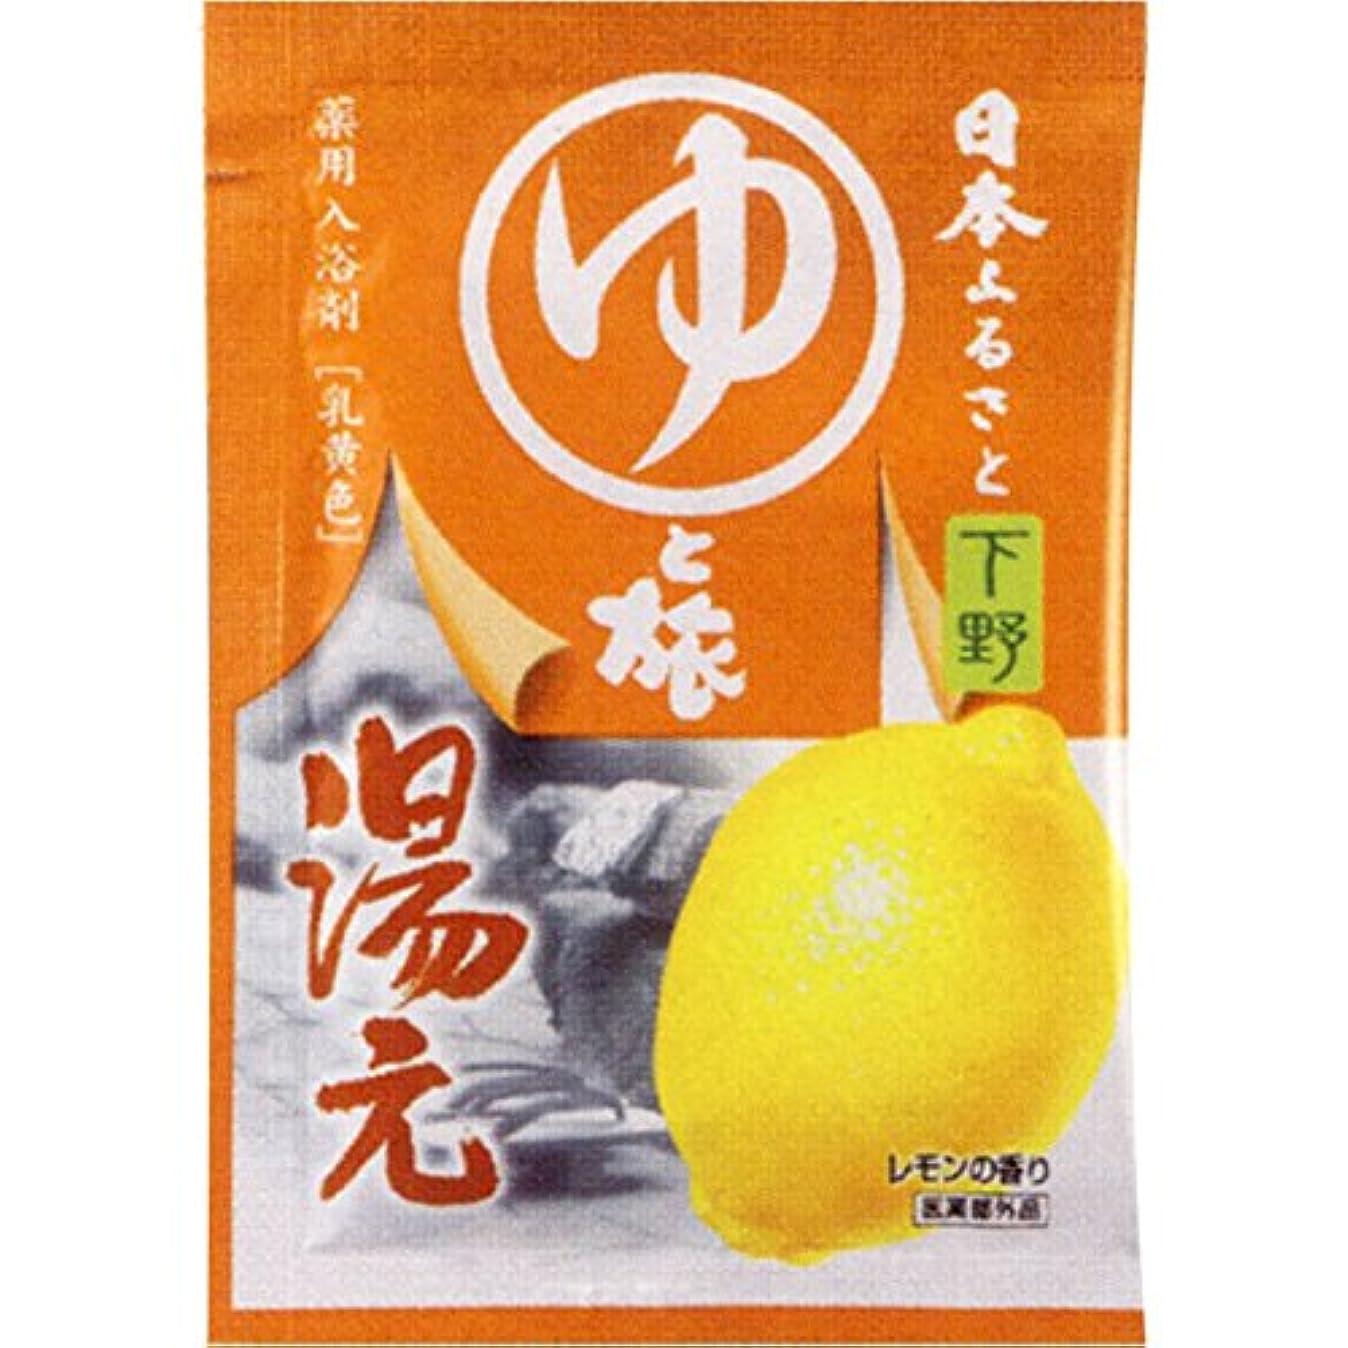 ヤマサキ 日本ふるさとゆと旅 湯元 30g (医薬部外品)